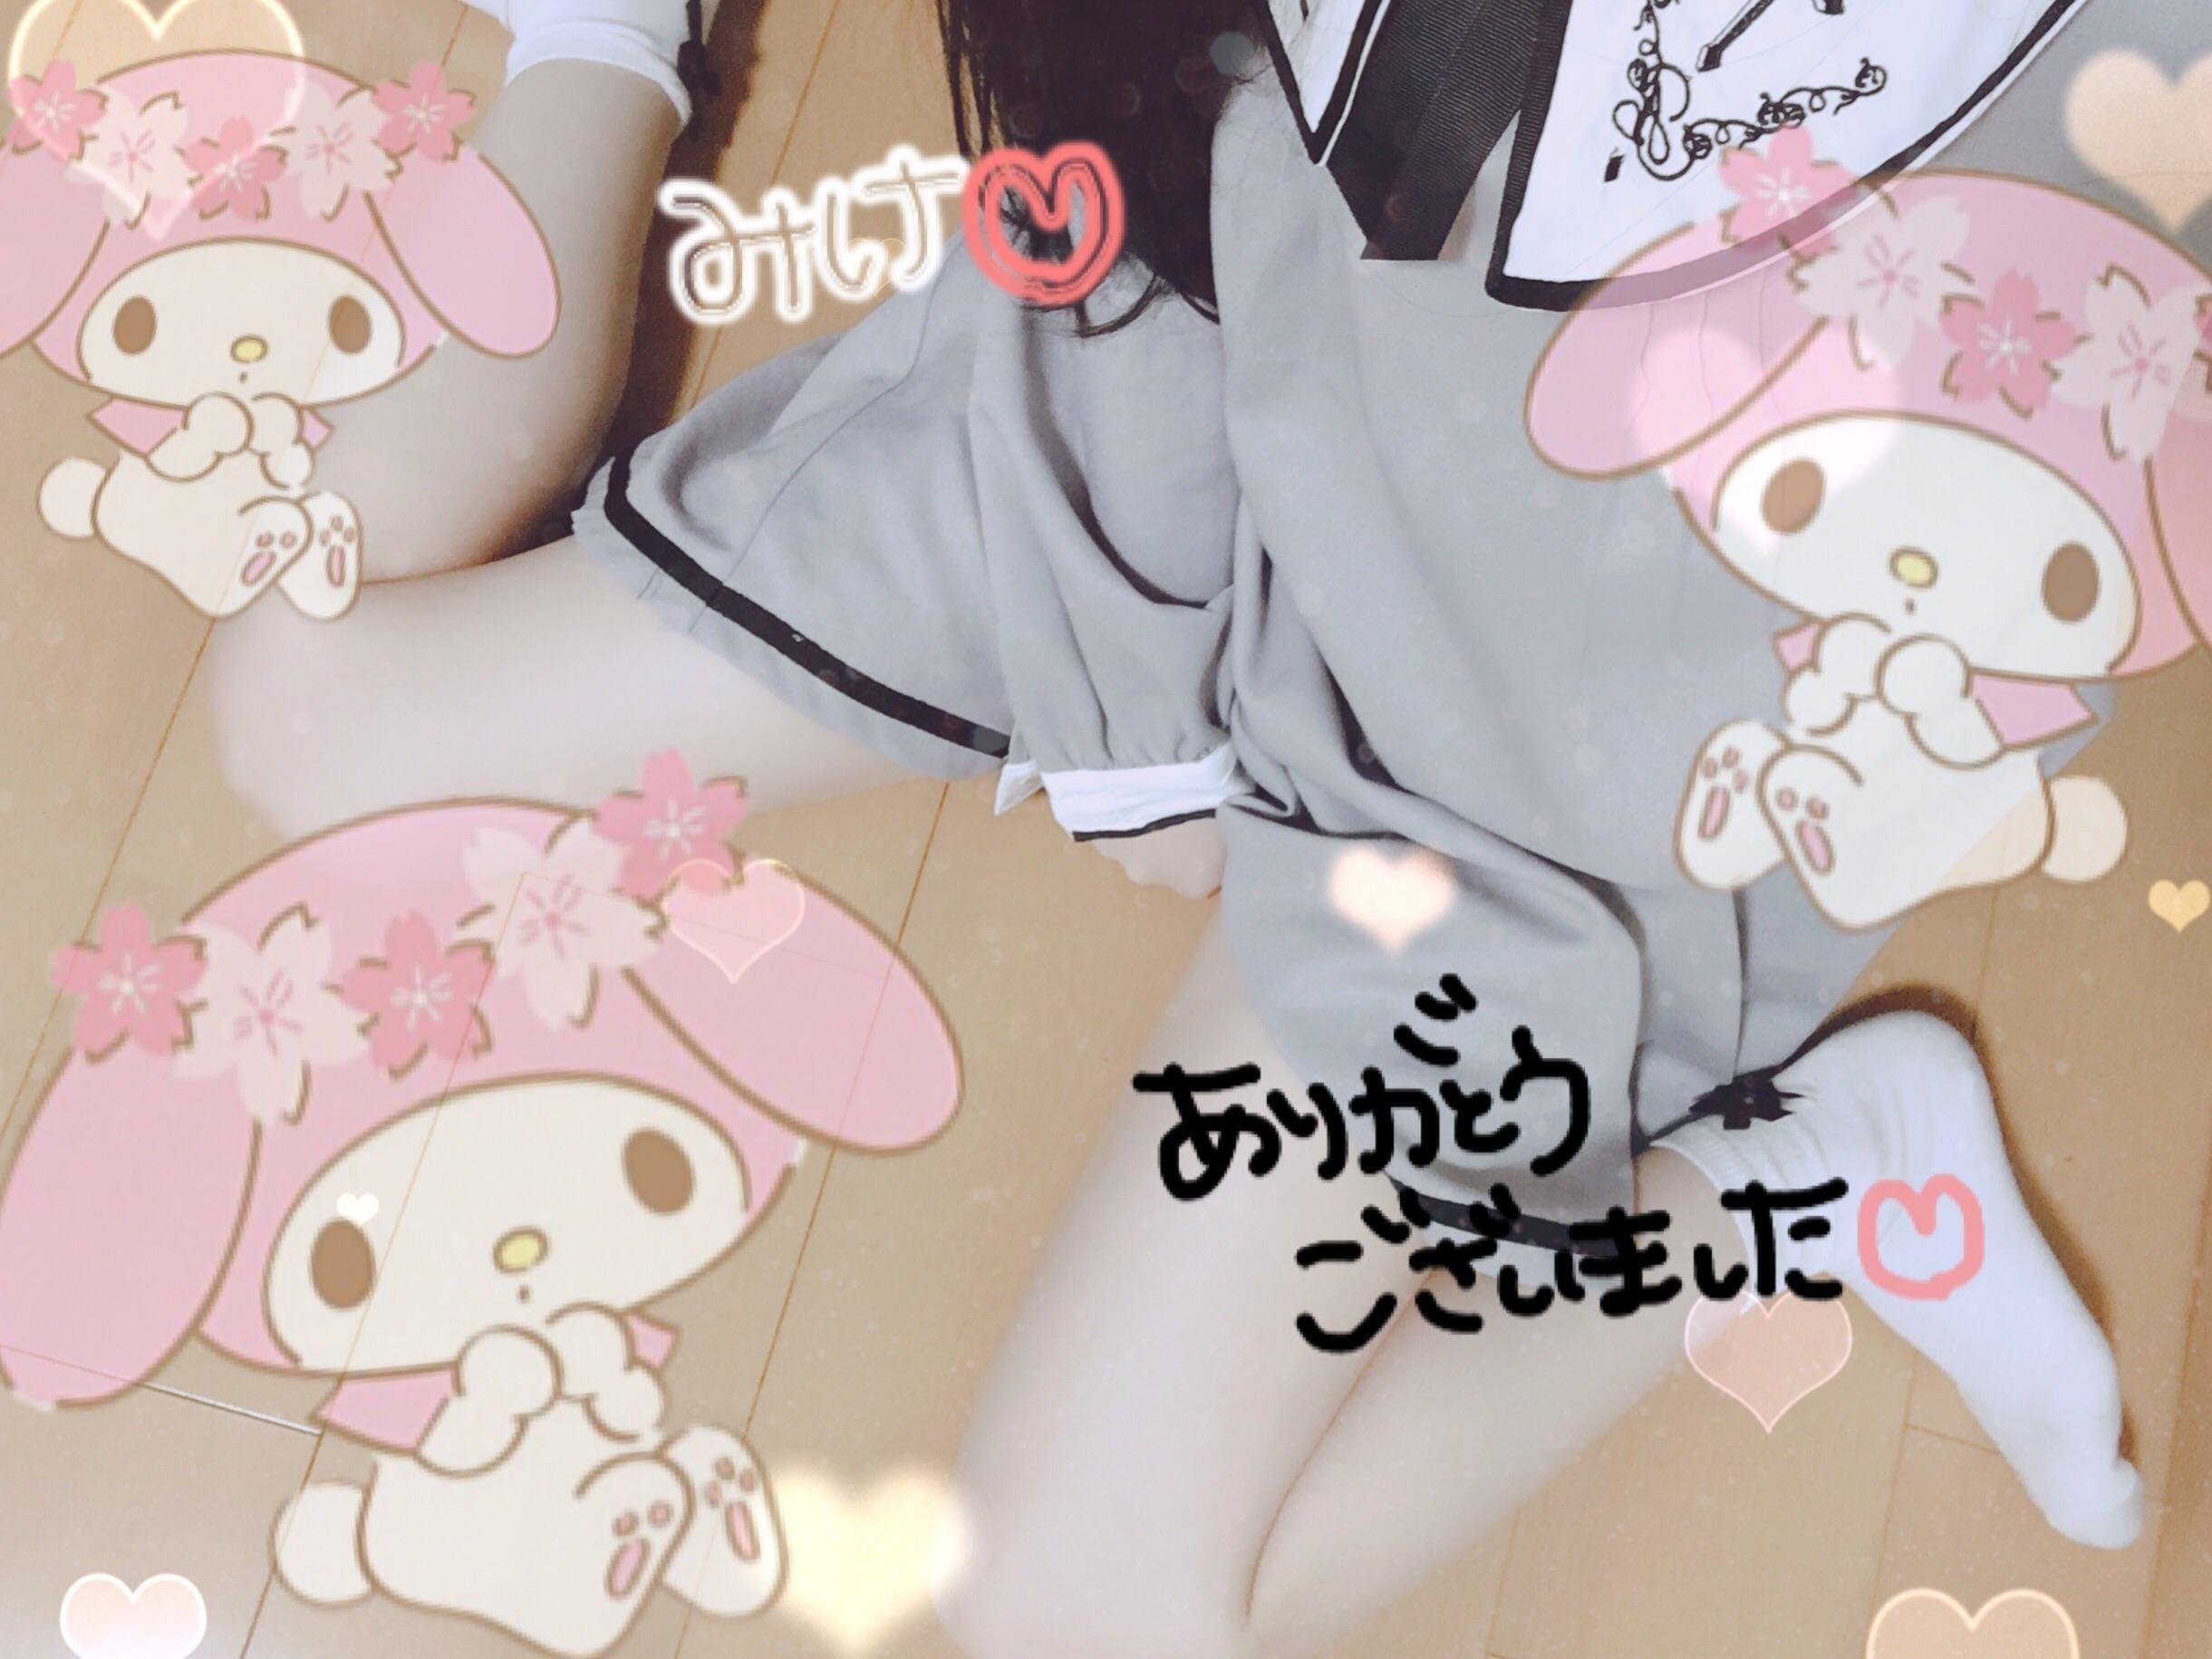 「お礼ᕱ⋈ᕱSさん」06/20(水) 13:15 | みけの写メ・風俗動画